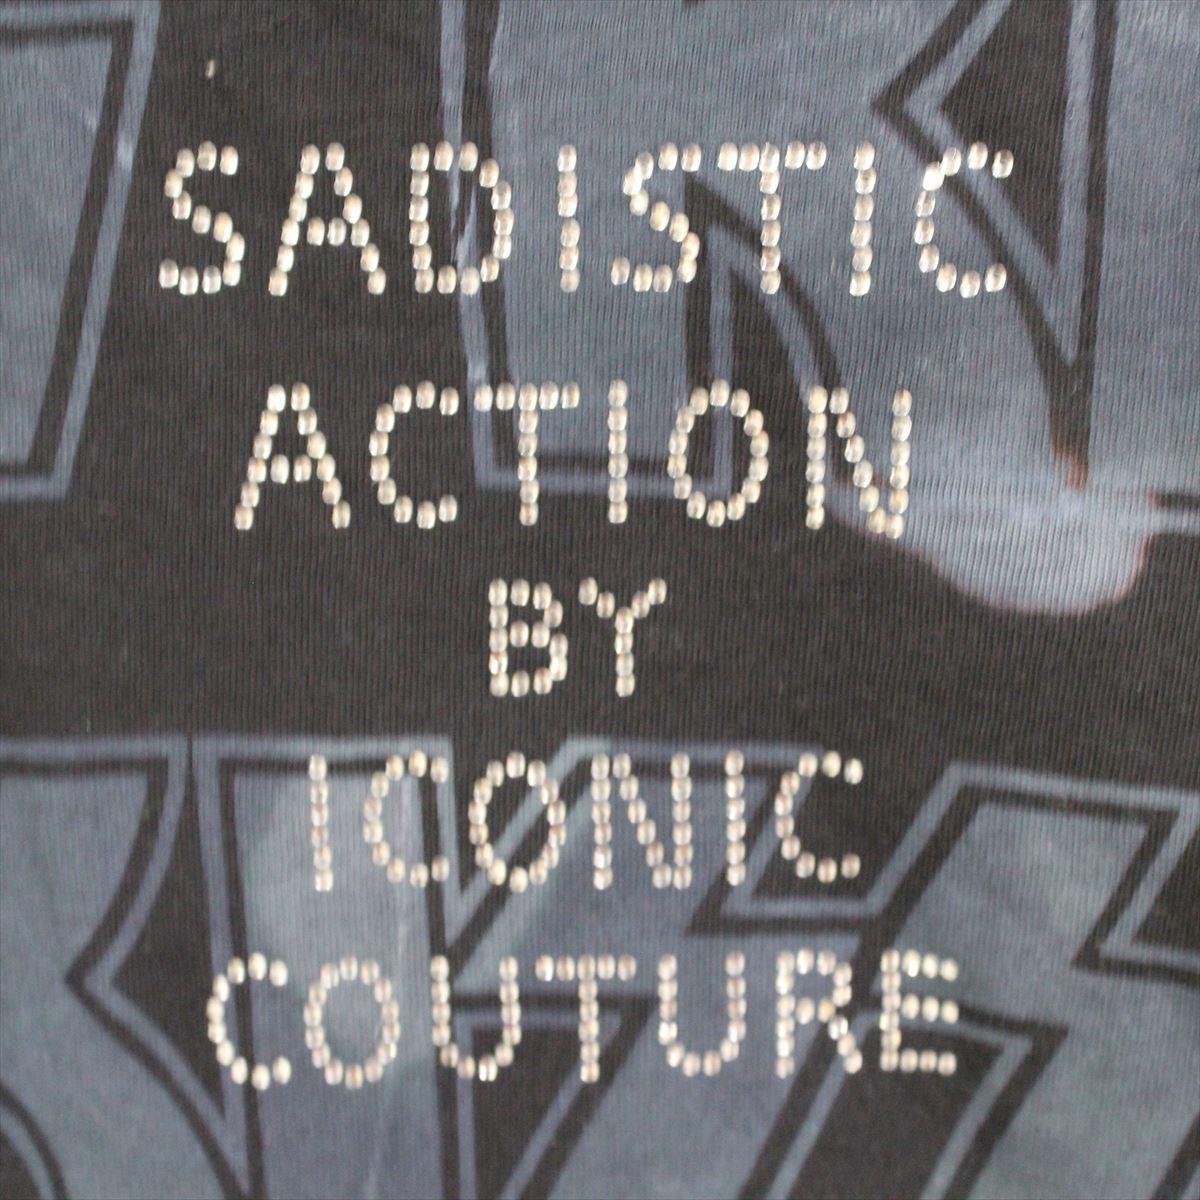 サディスティックアクション SADISTIC ACTION アイコニック メンズ半袖Tシャツ KISS Sサイズ ICONIC COUTURE 新品_画像5